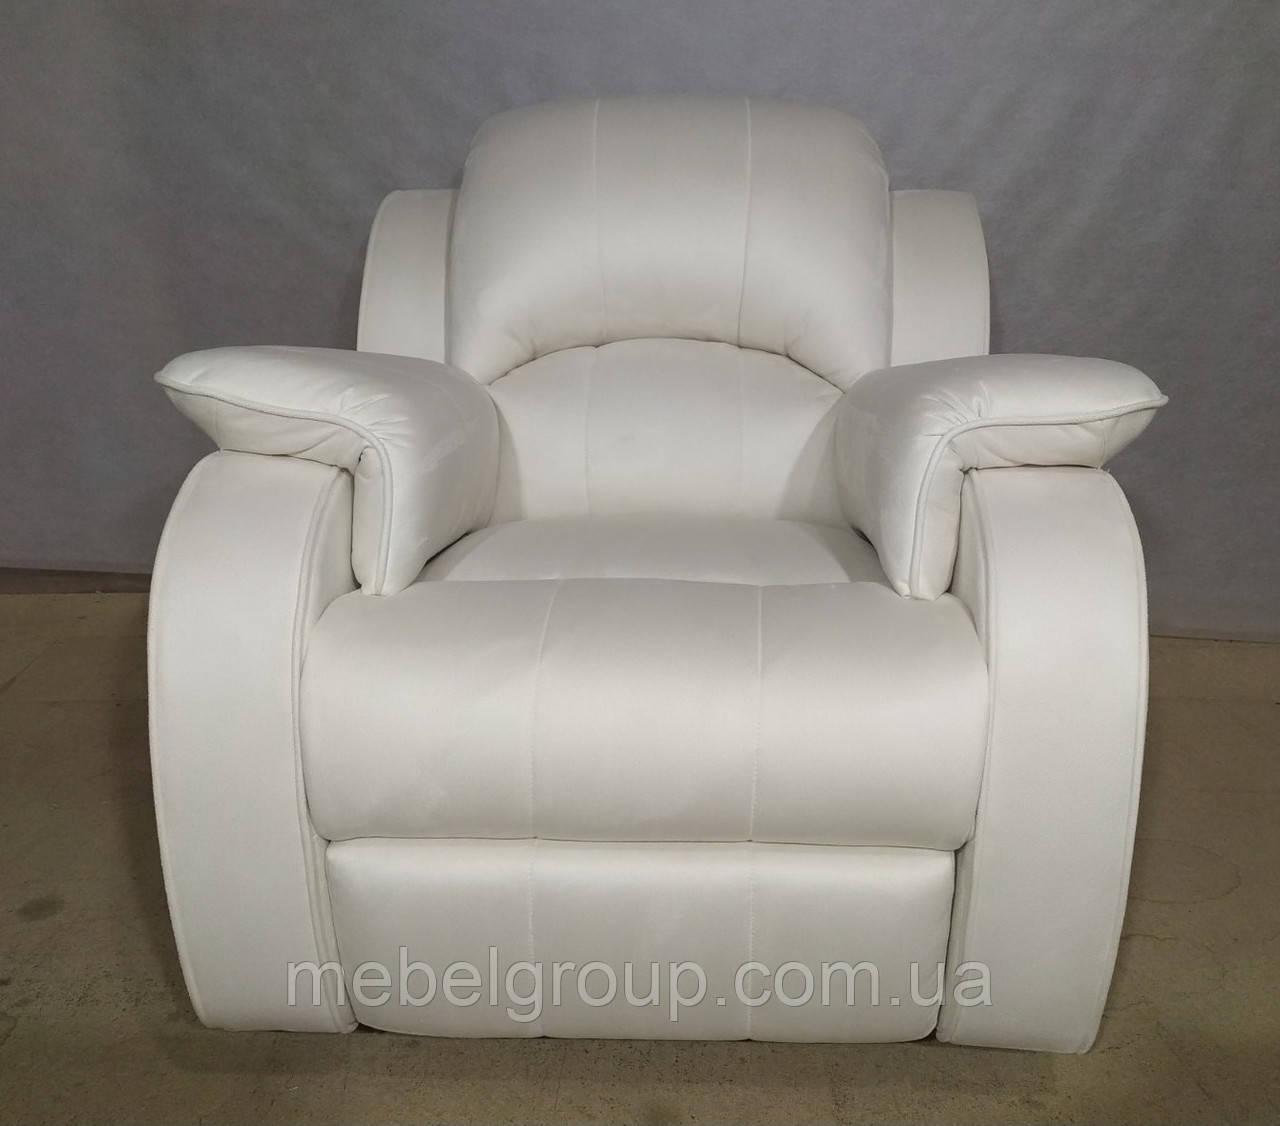 Кресло с реклайнером Сити